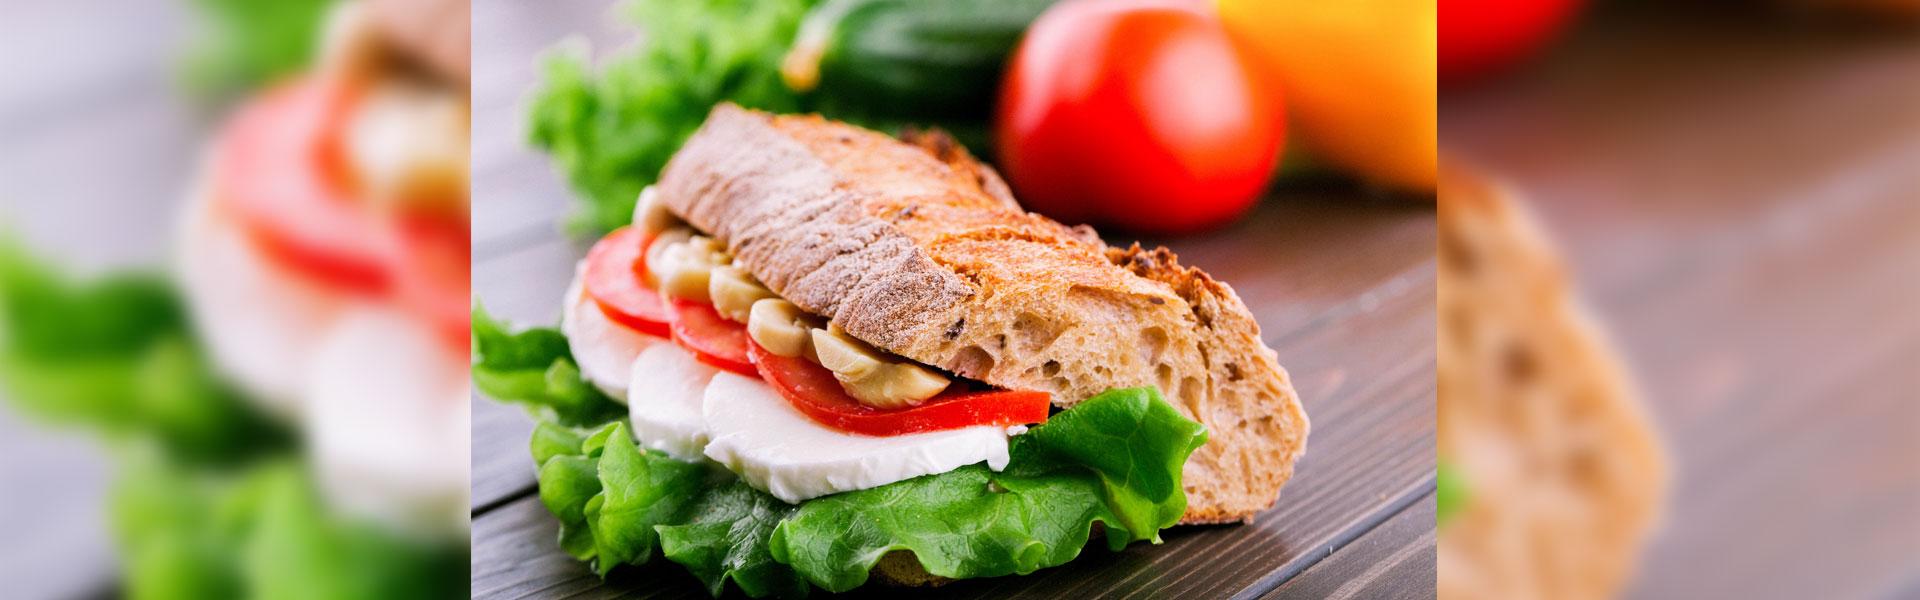 snack-sandwich-saint-laurent-du-var-fidelice-pizzas